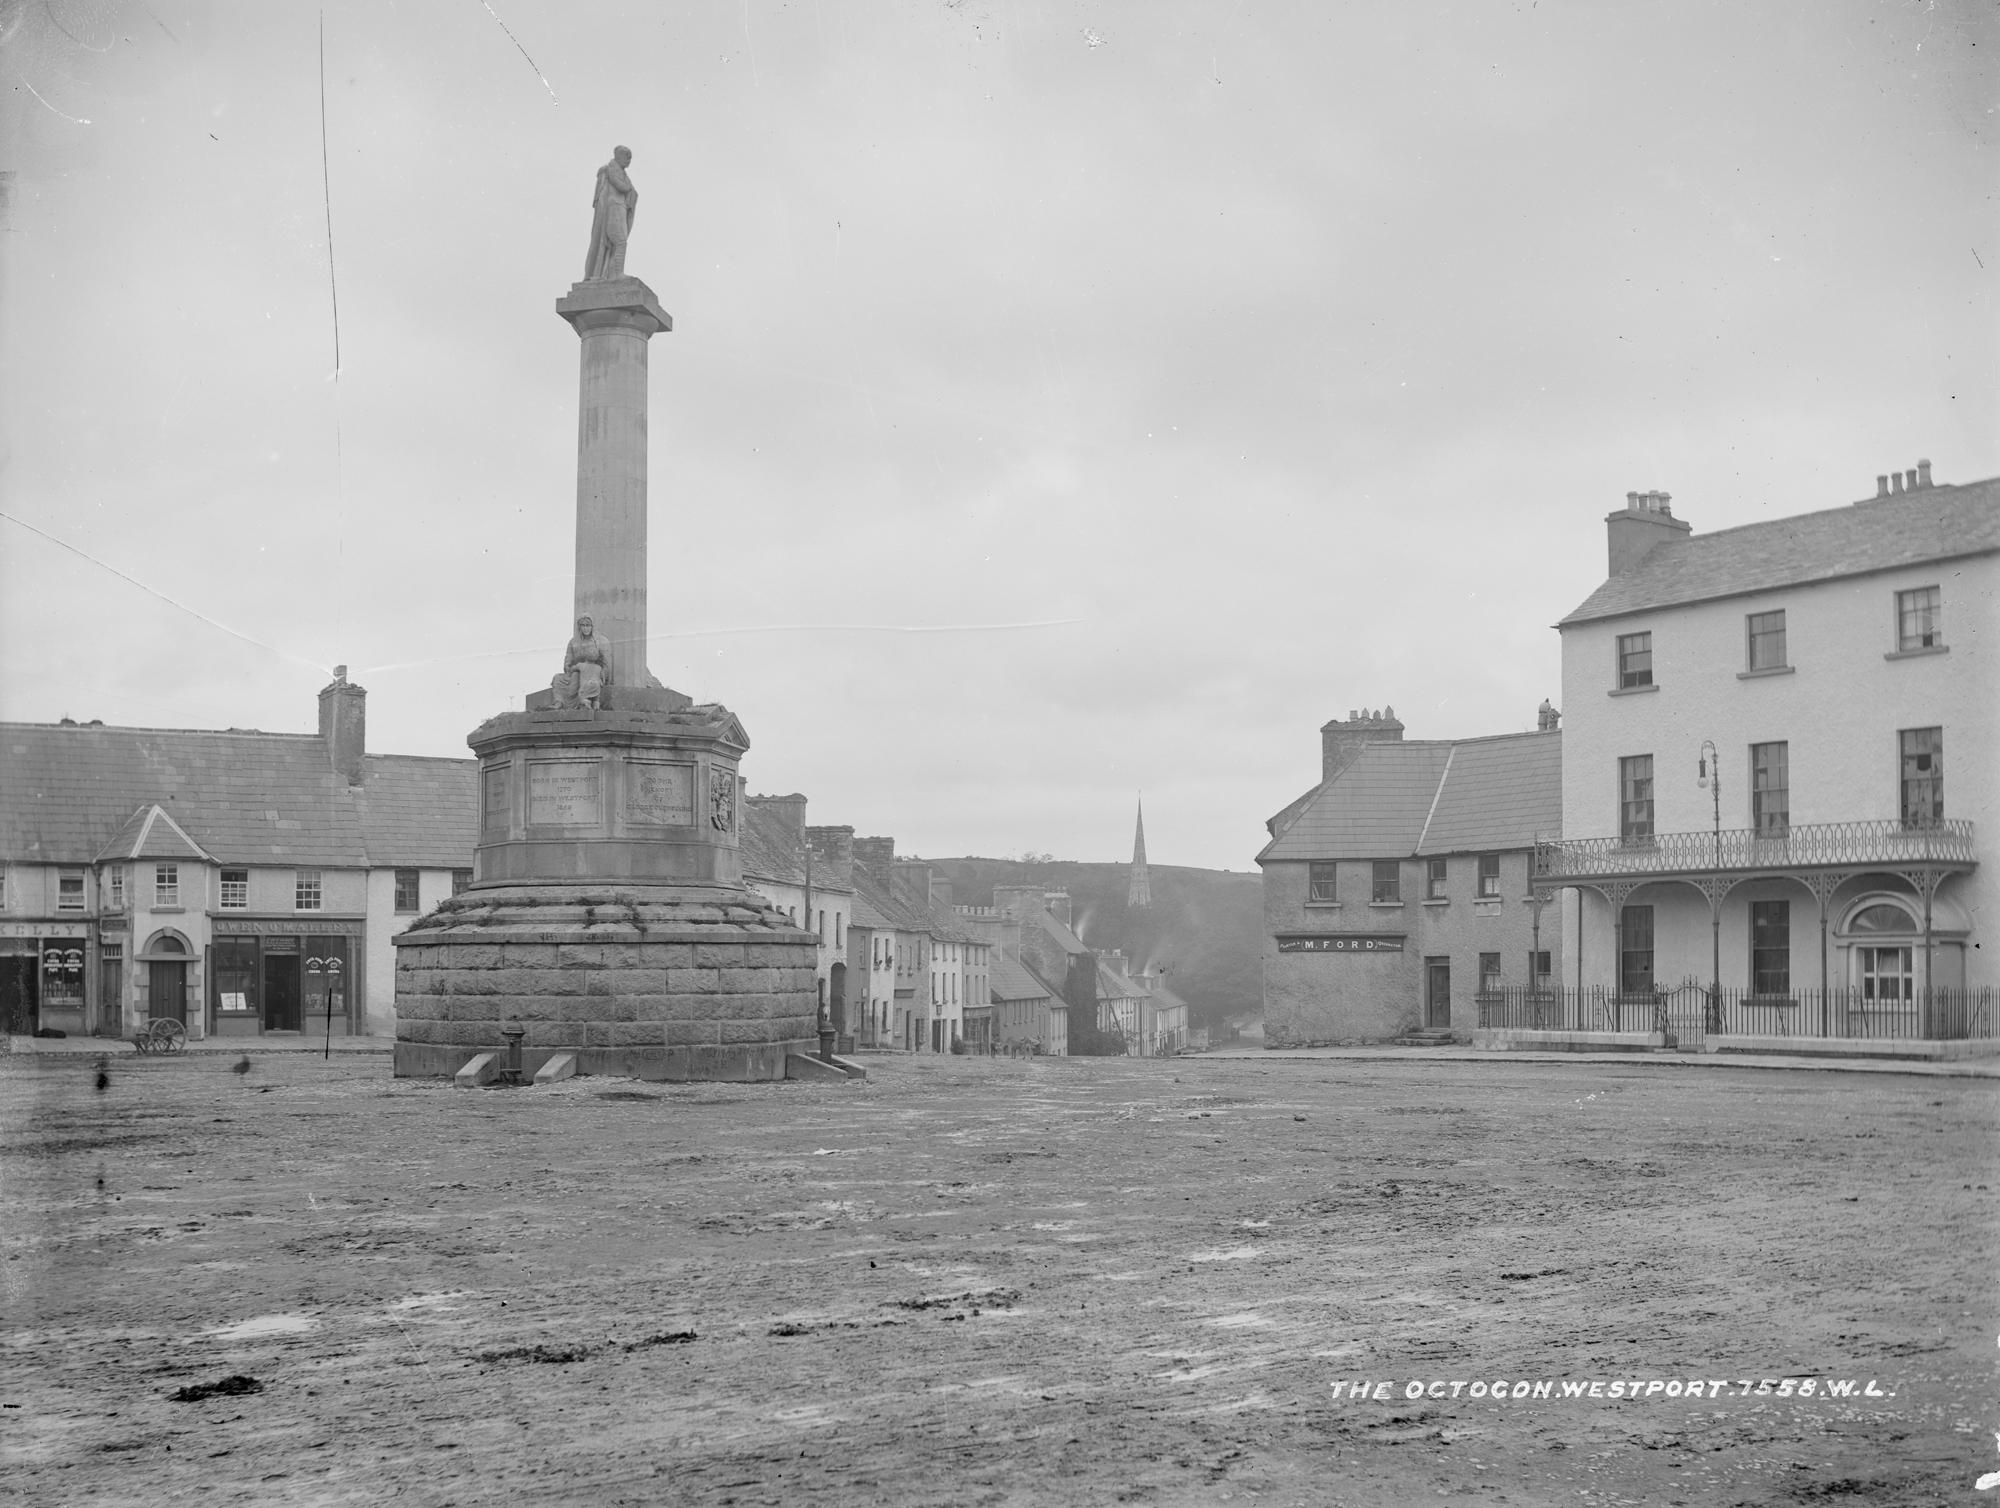 Octagon, Westport, County Mayo